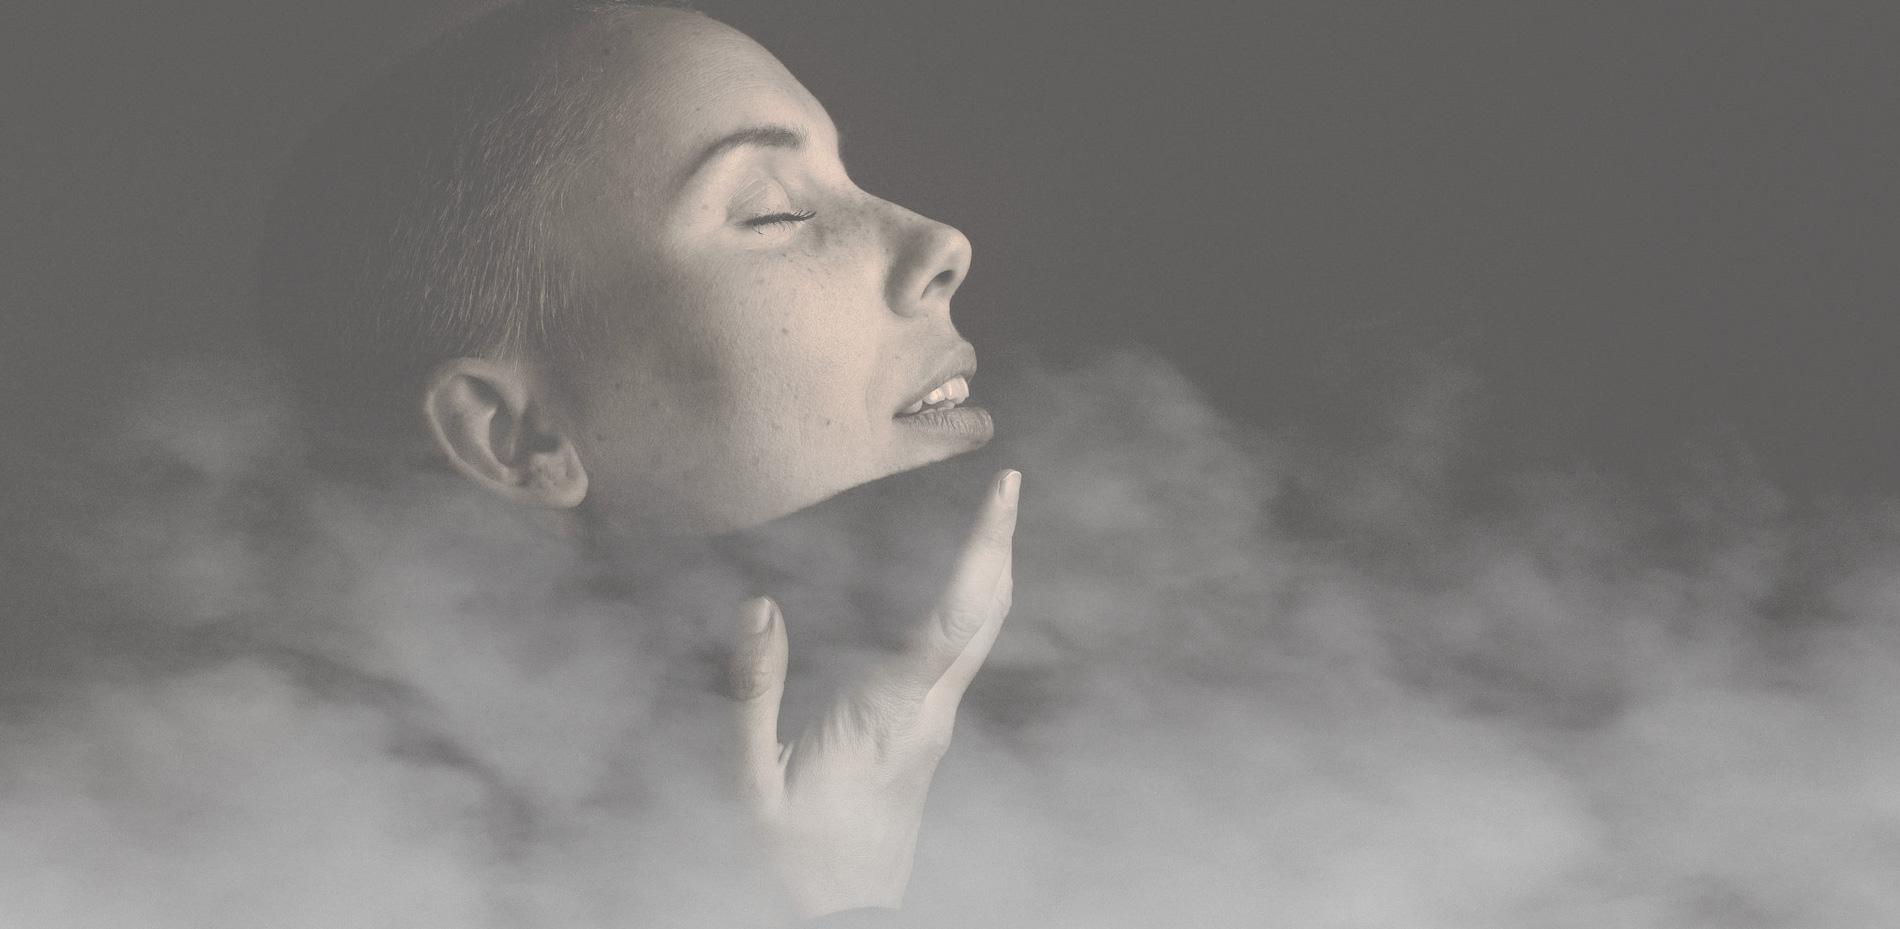 woman-eyes-closed-dana.jpg